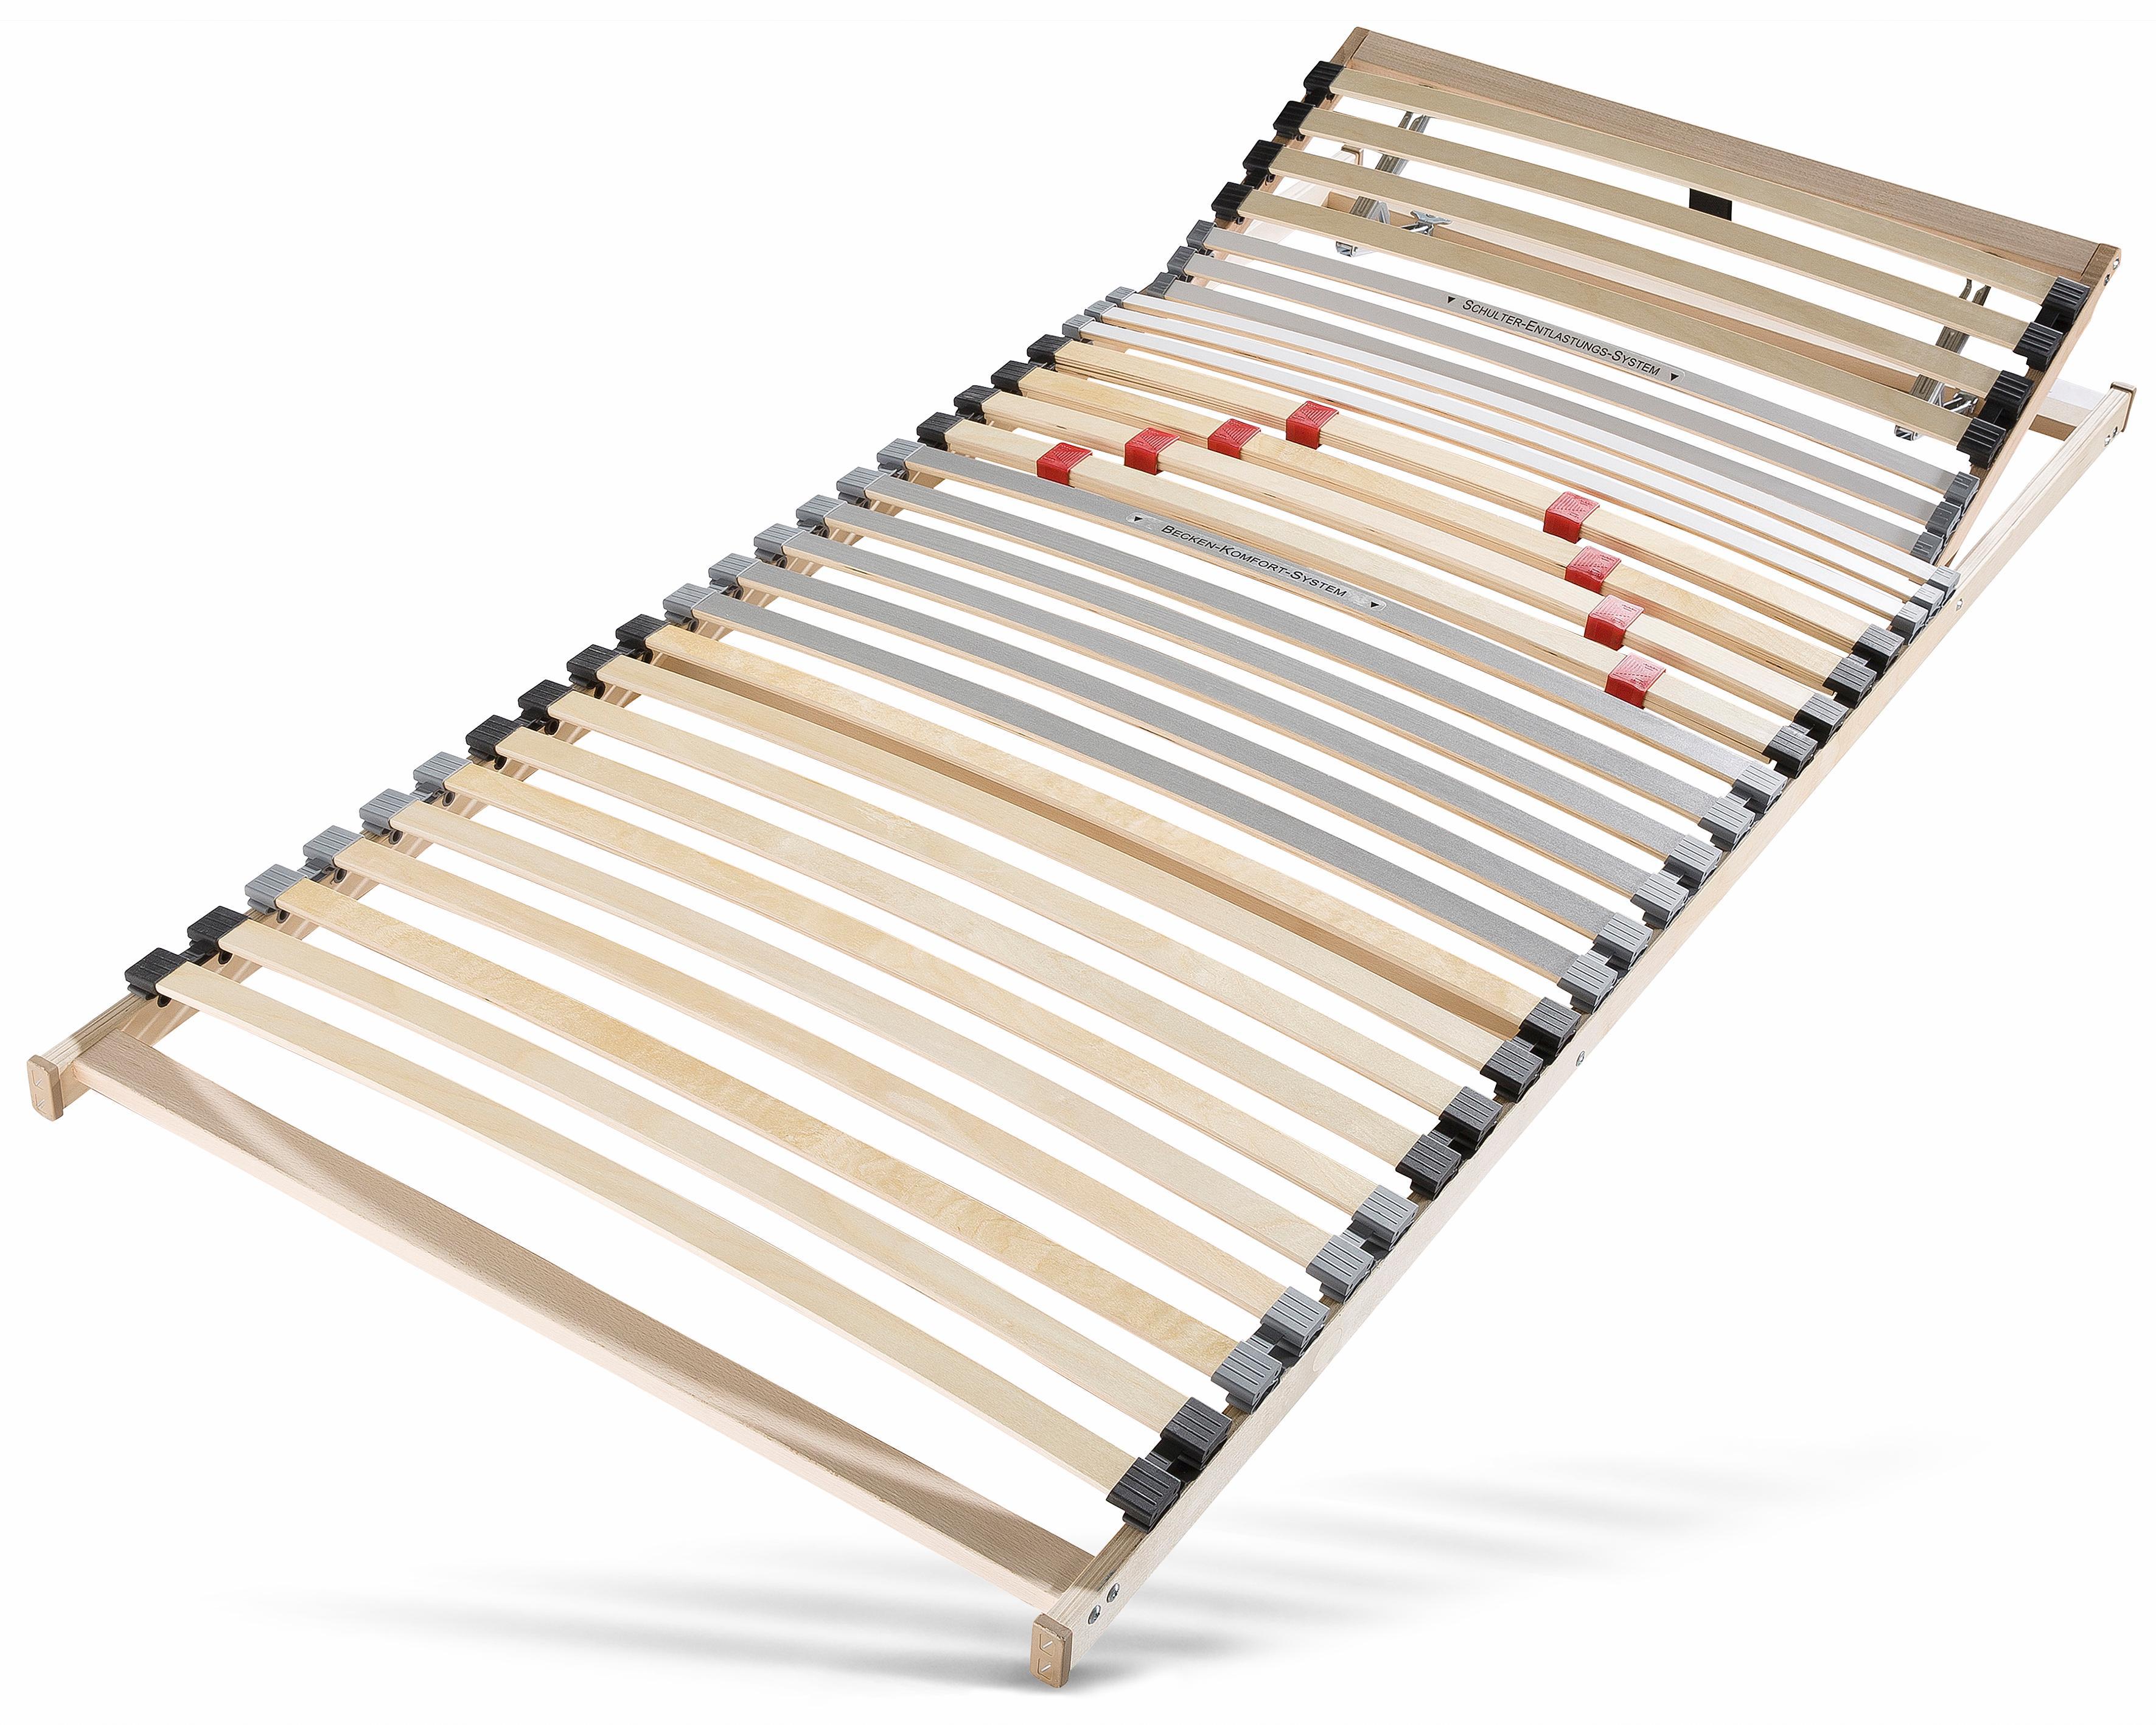 lattenrost maxi flex lr k beco kopfteil manuell. Black Bedroom Furniture Sets. Home Design Ideas